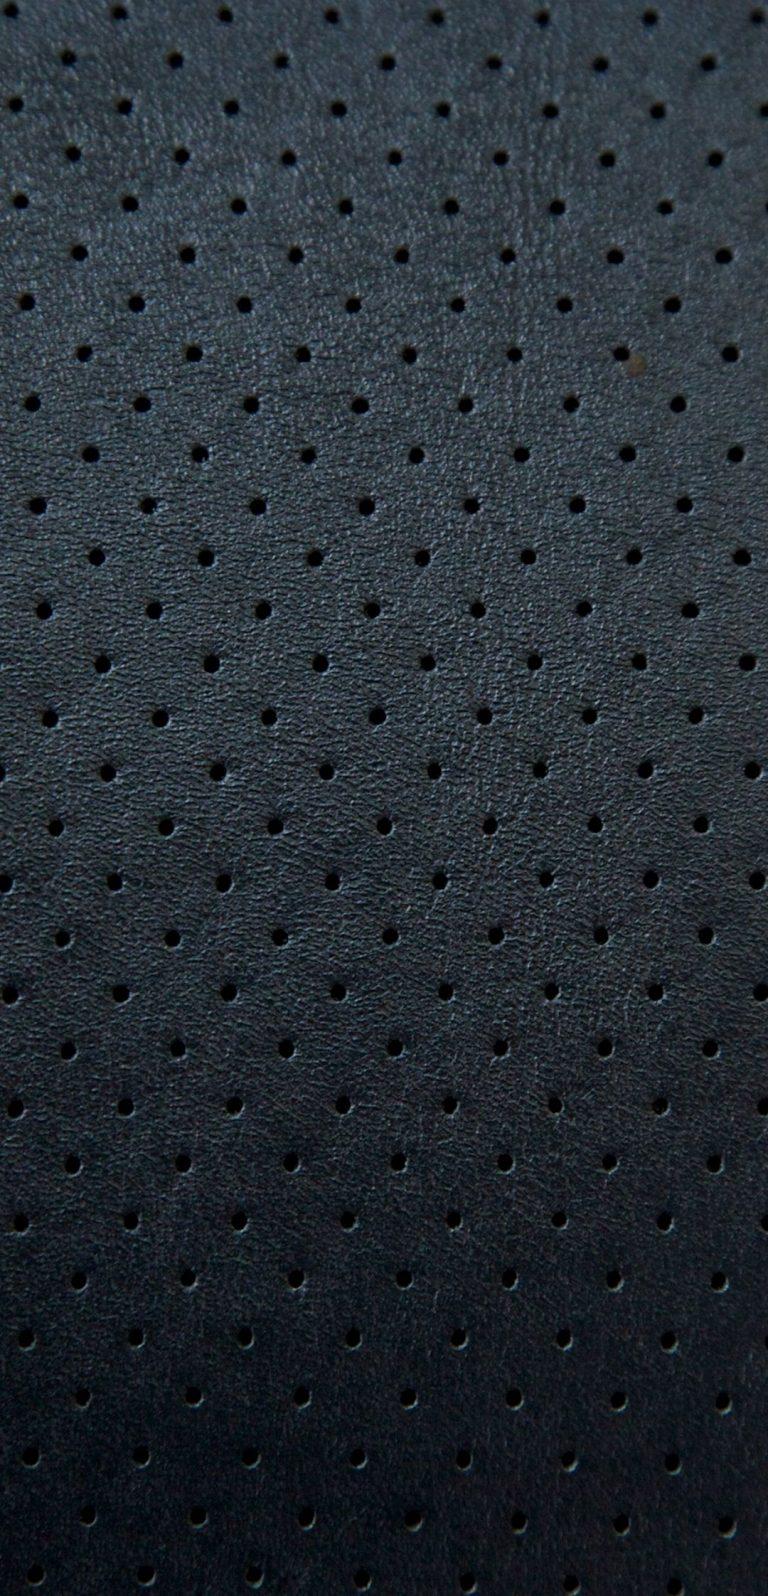 1080x2244 Wallpaper 147 768x1596